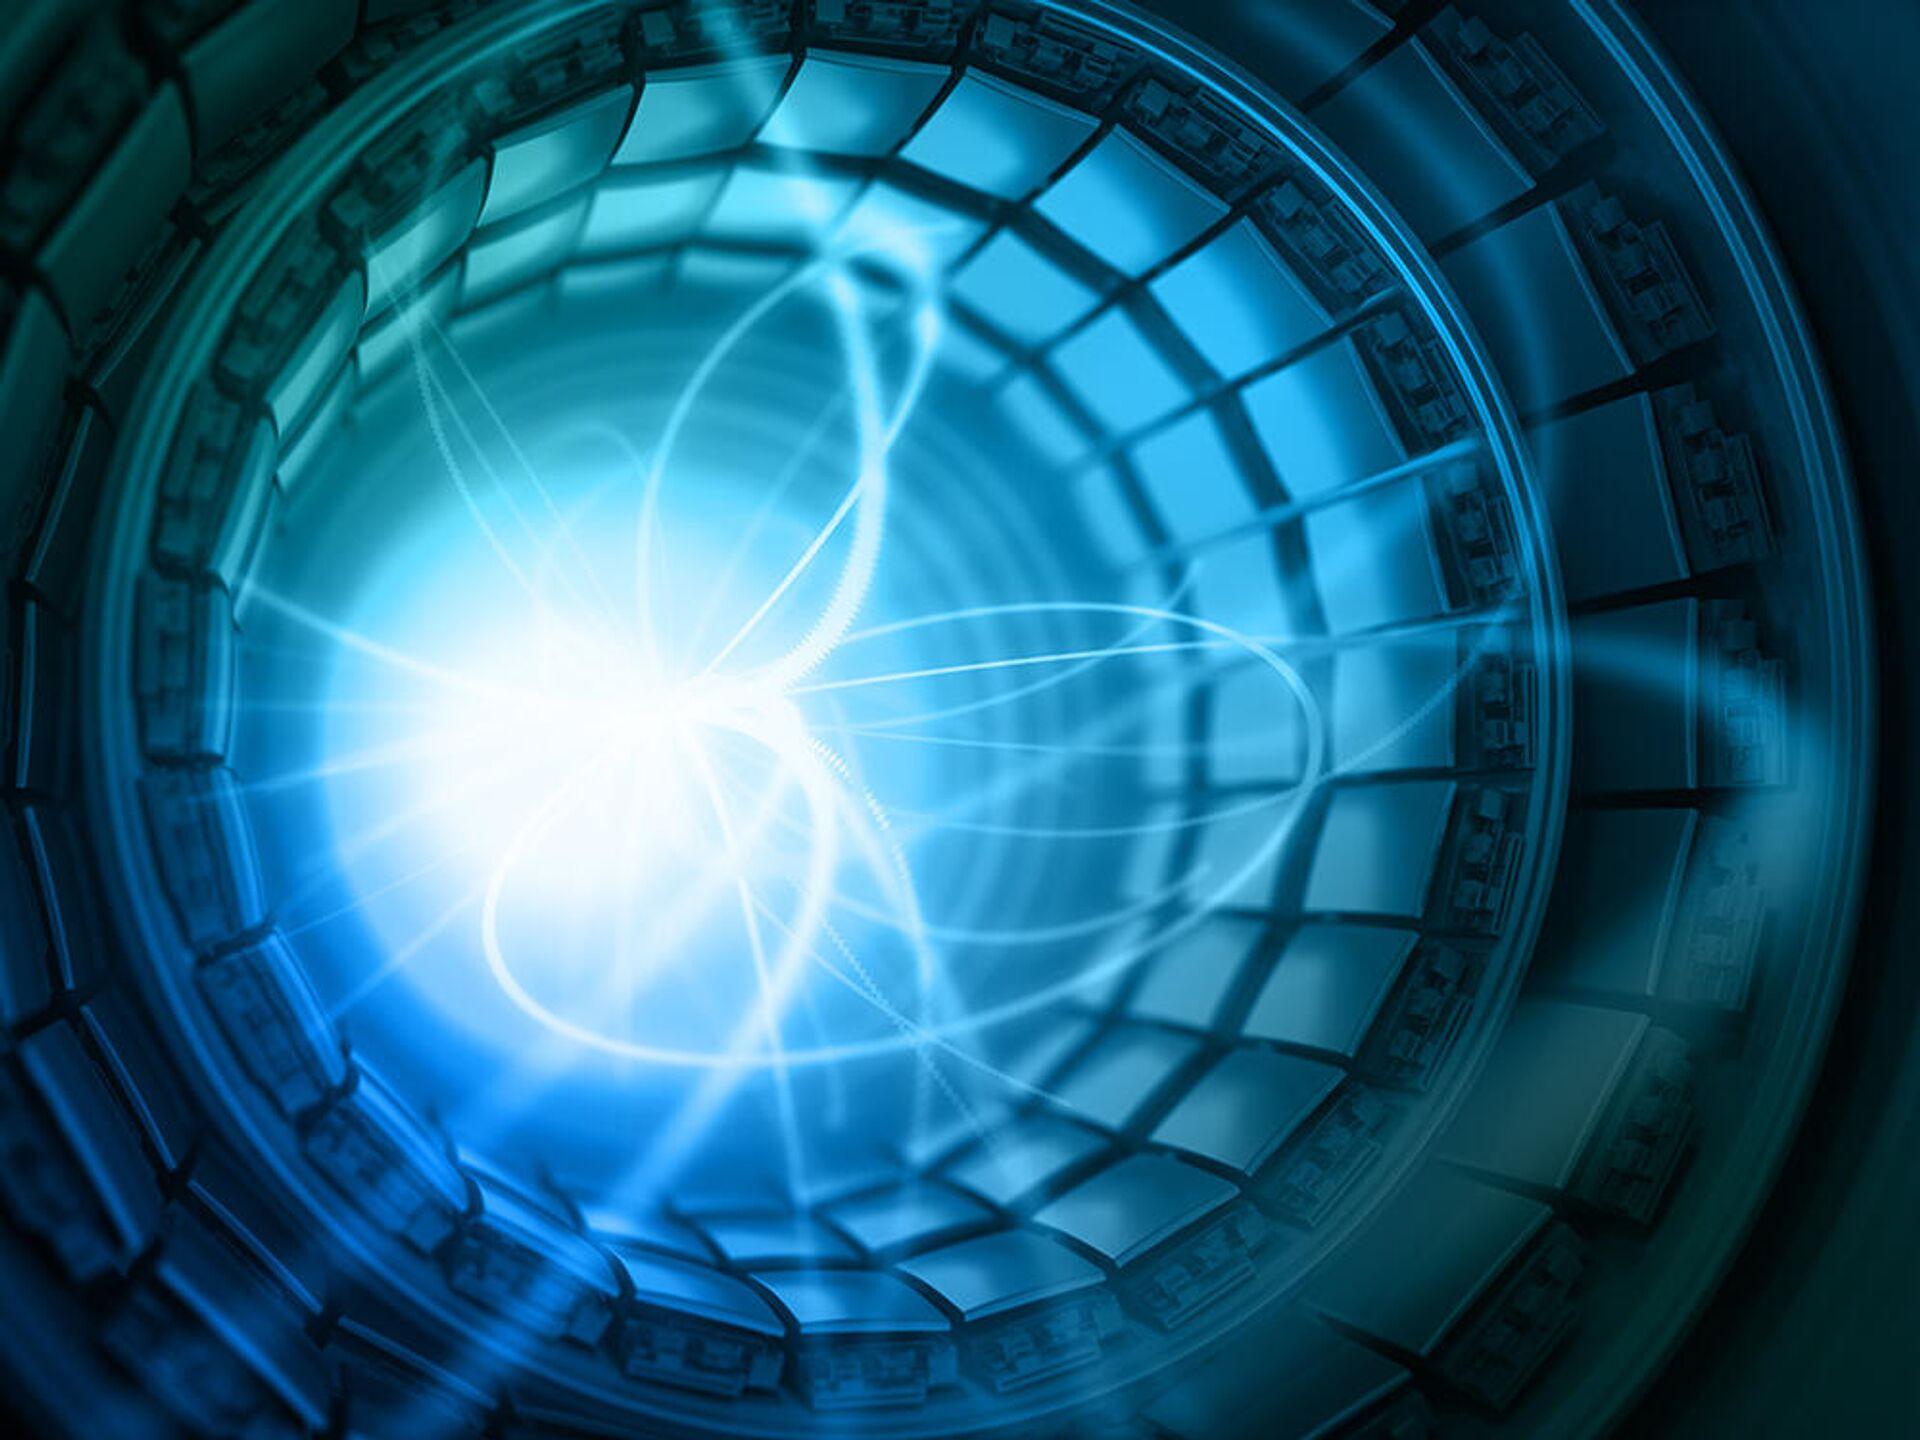 Физики нашли частицу, из которой может состоять темная материя - РИА Новости, 1920, 23.12.2020